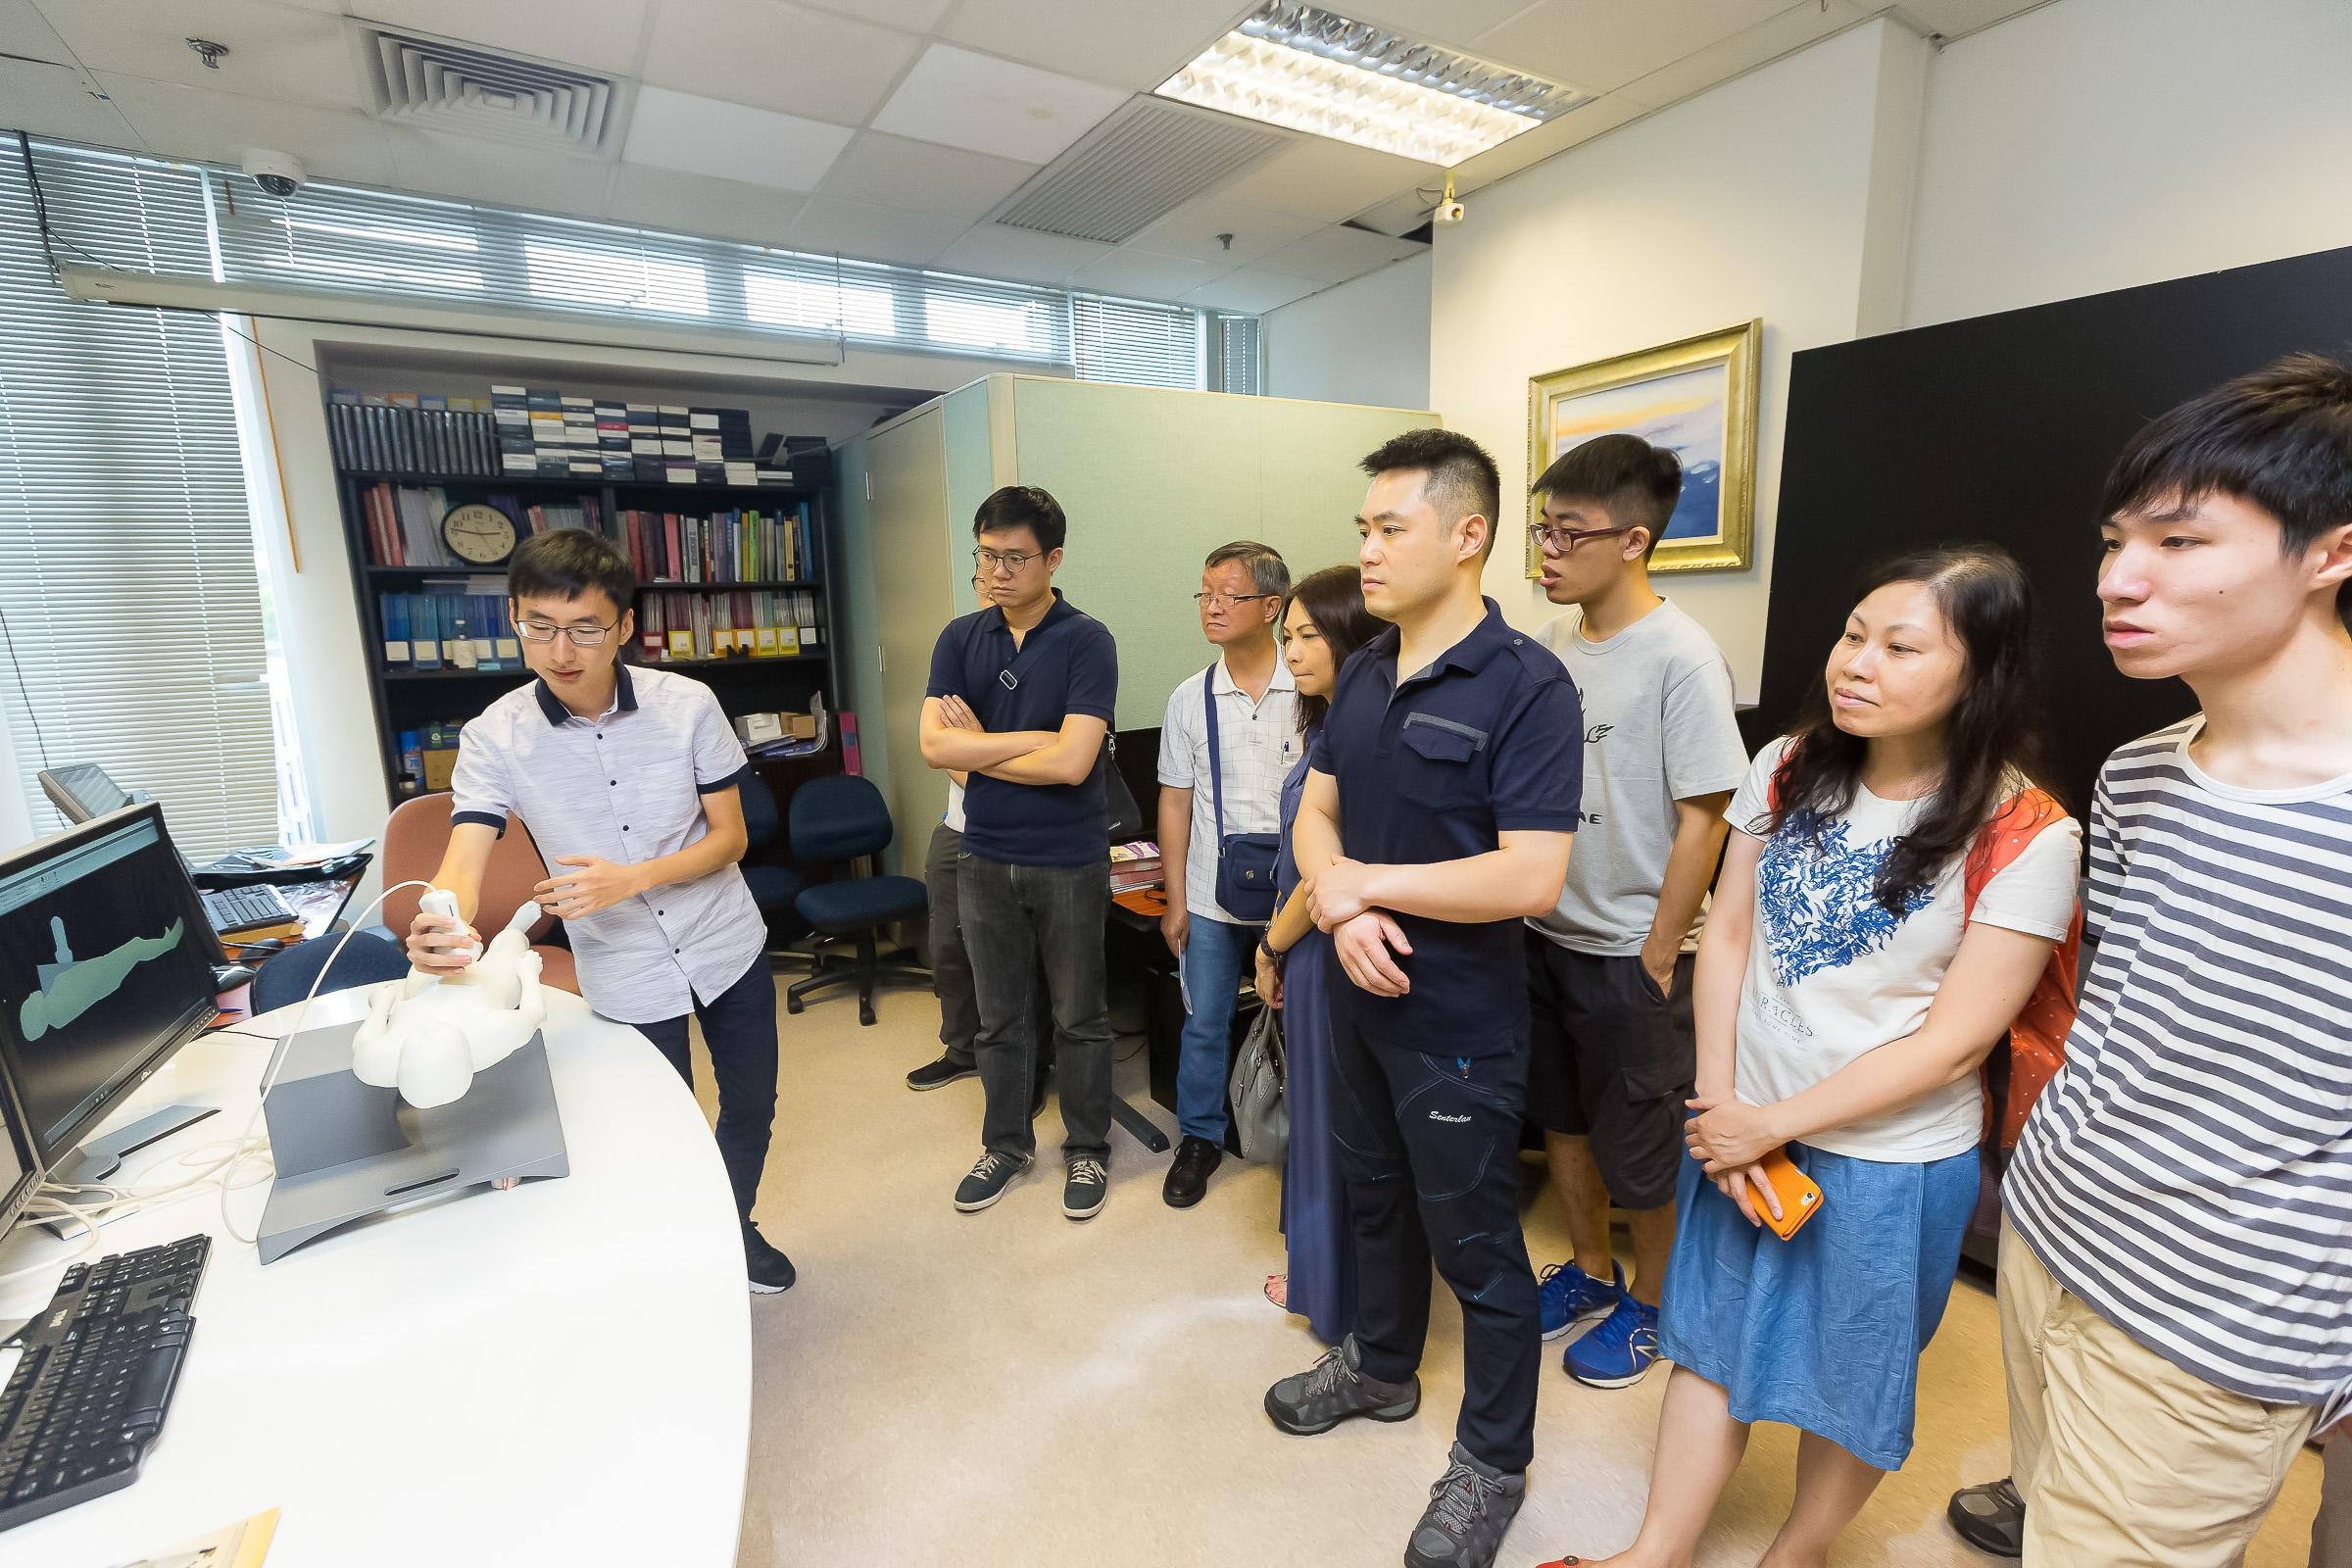 研究人員向校友示範實驗室的科技項目。